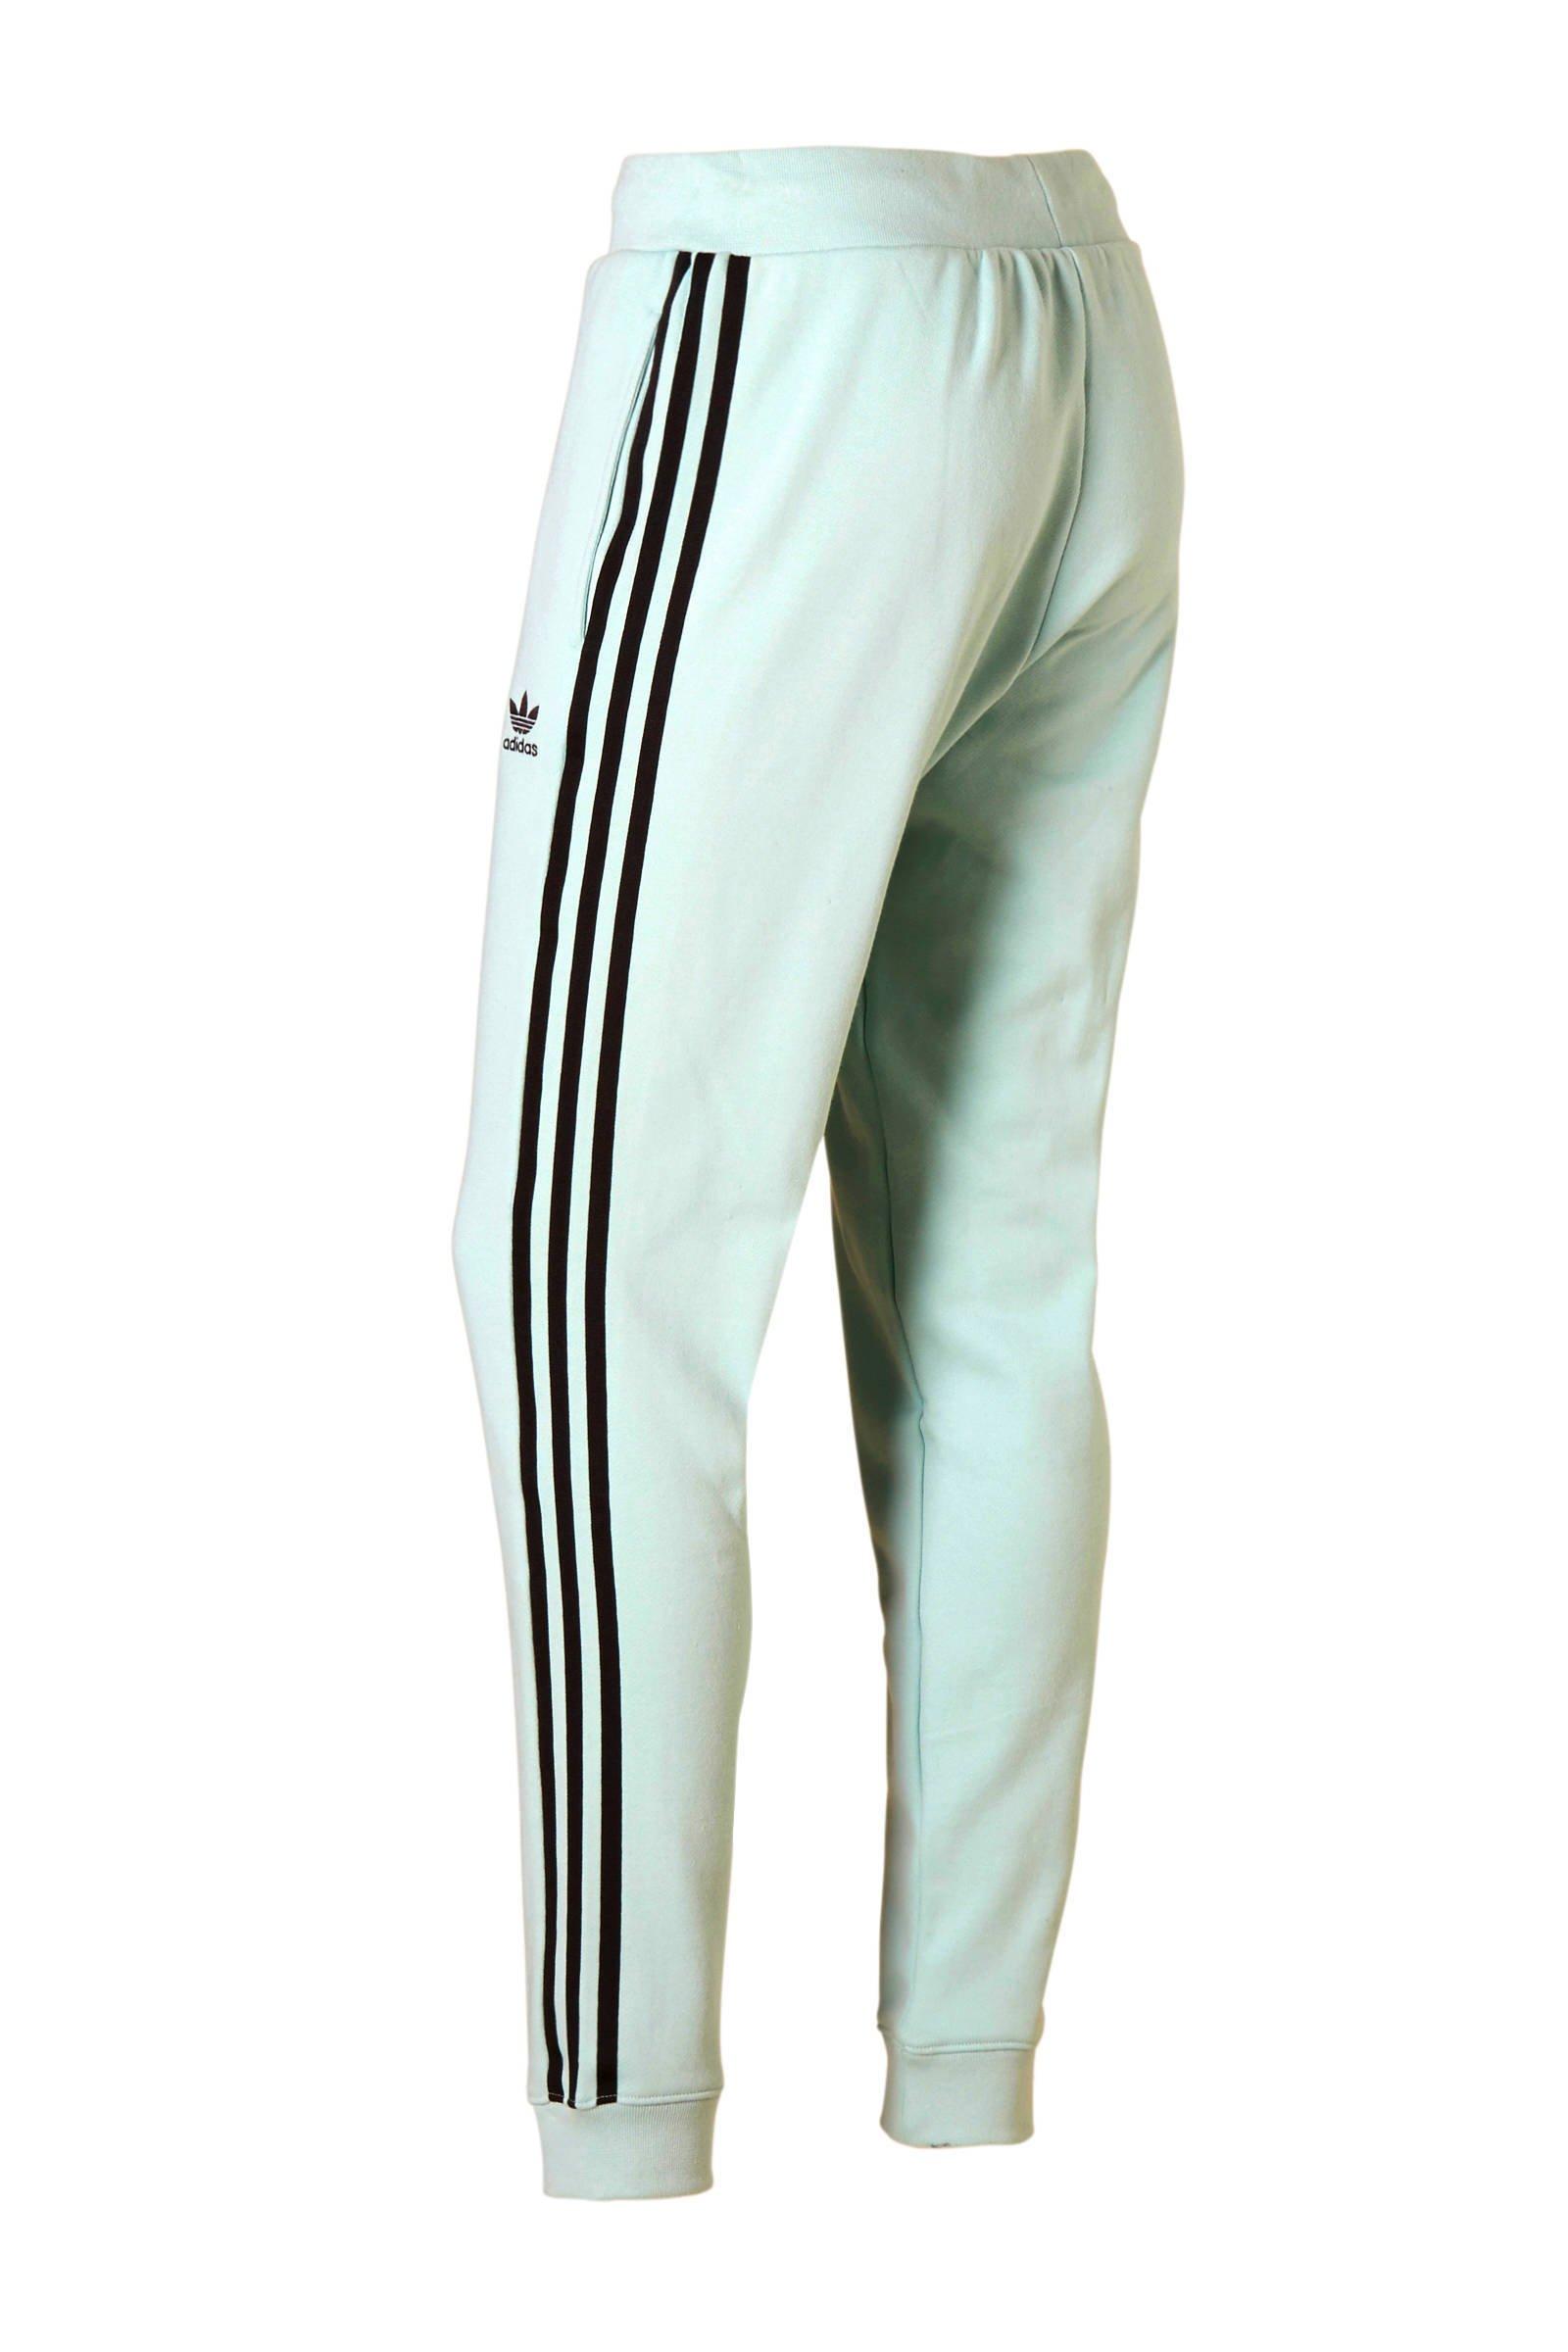 5d2df66d6a9 adidas-originals-joggingbroek-mintgroen-mintgroen-4059807141757.jpg